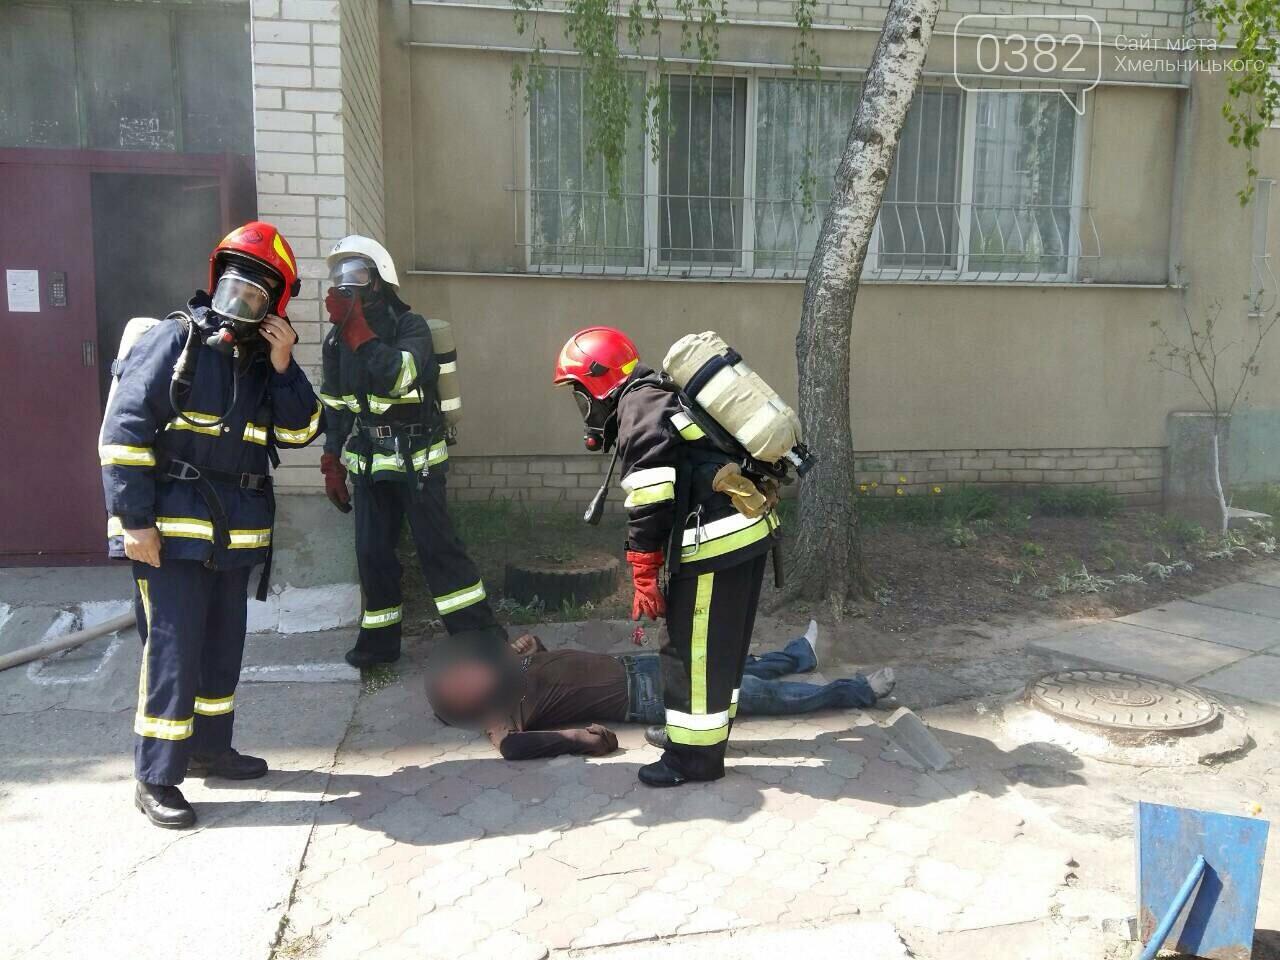 На Хмельниччині ДСНСники врятували життя чоловікові, фото-4